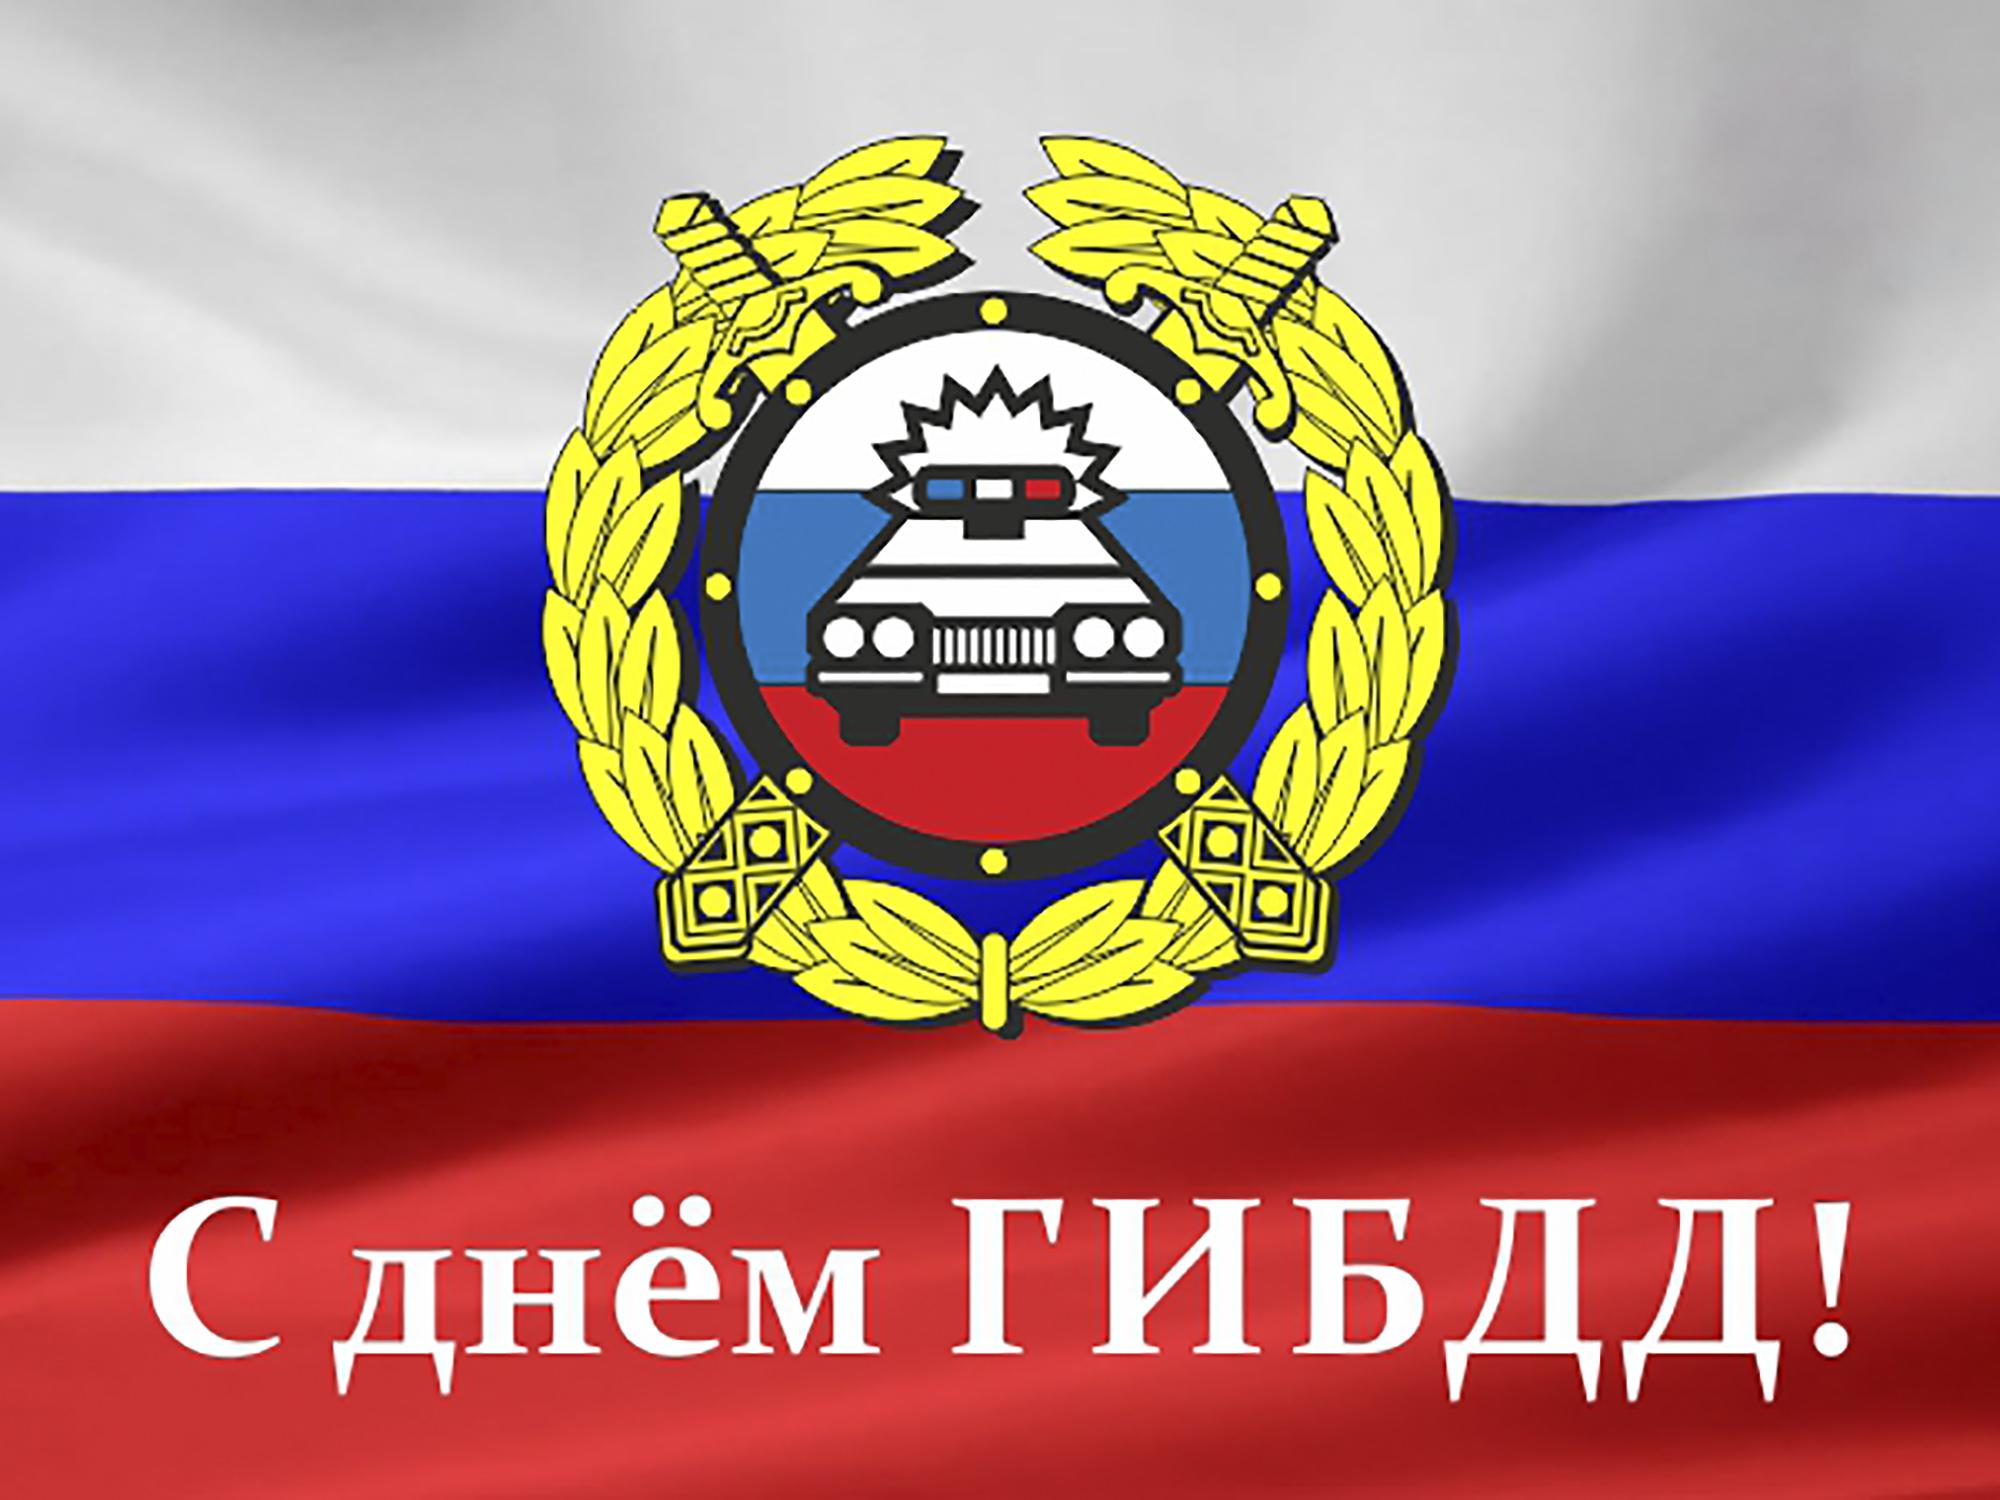 Уважаемые сотрудники и ветераны Государственной инспекции безопасности дорожного движения Качугского района! Примите поздравления с профессиональным праздником!